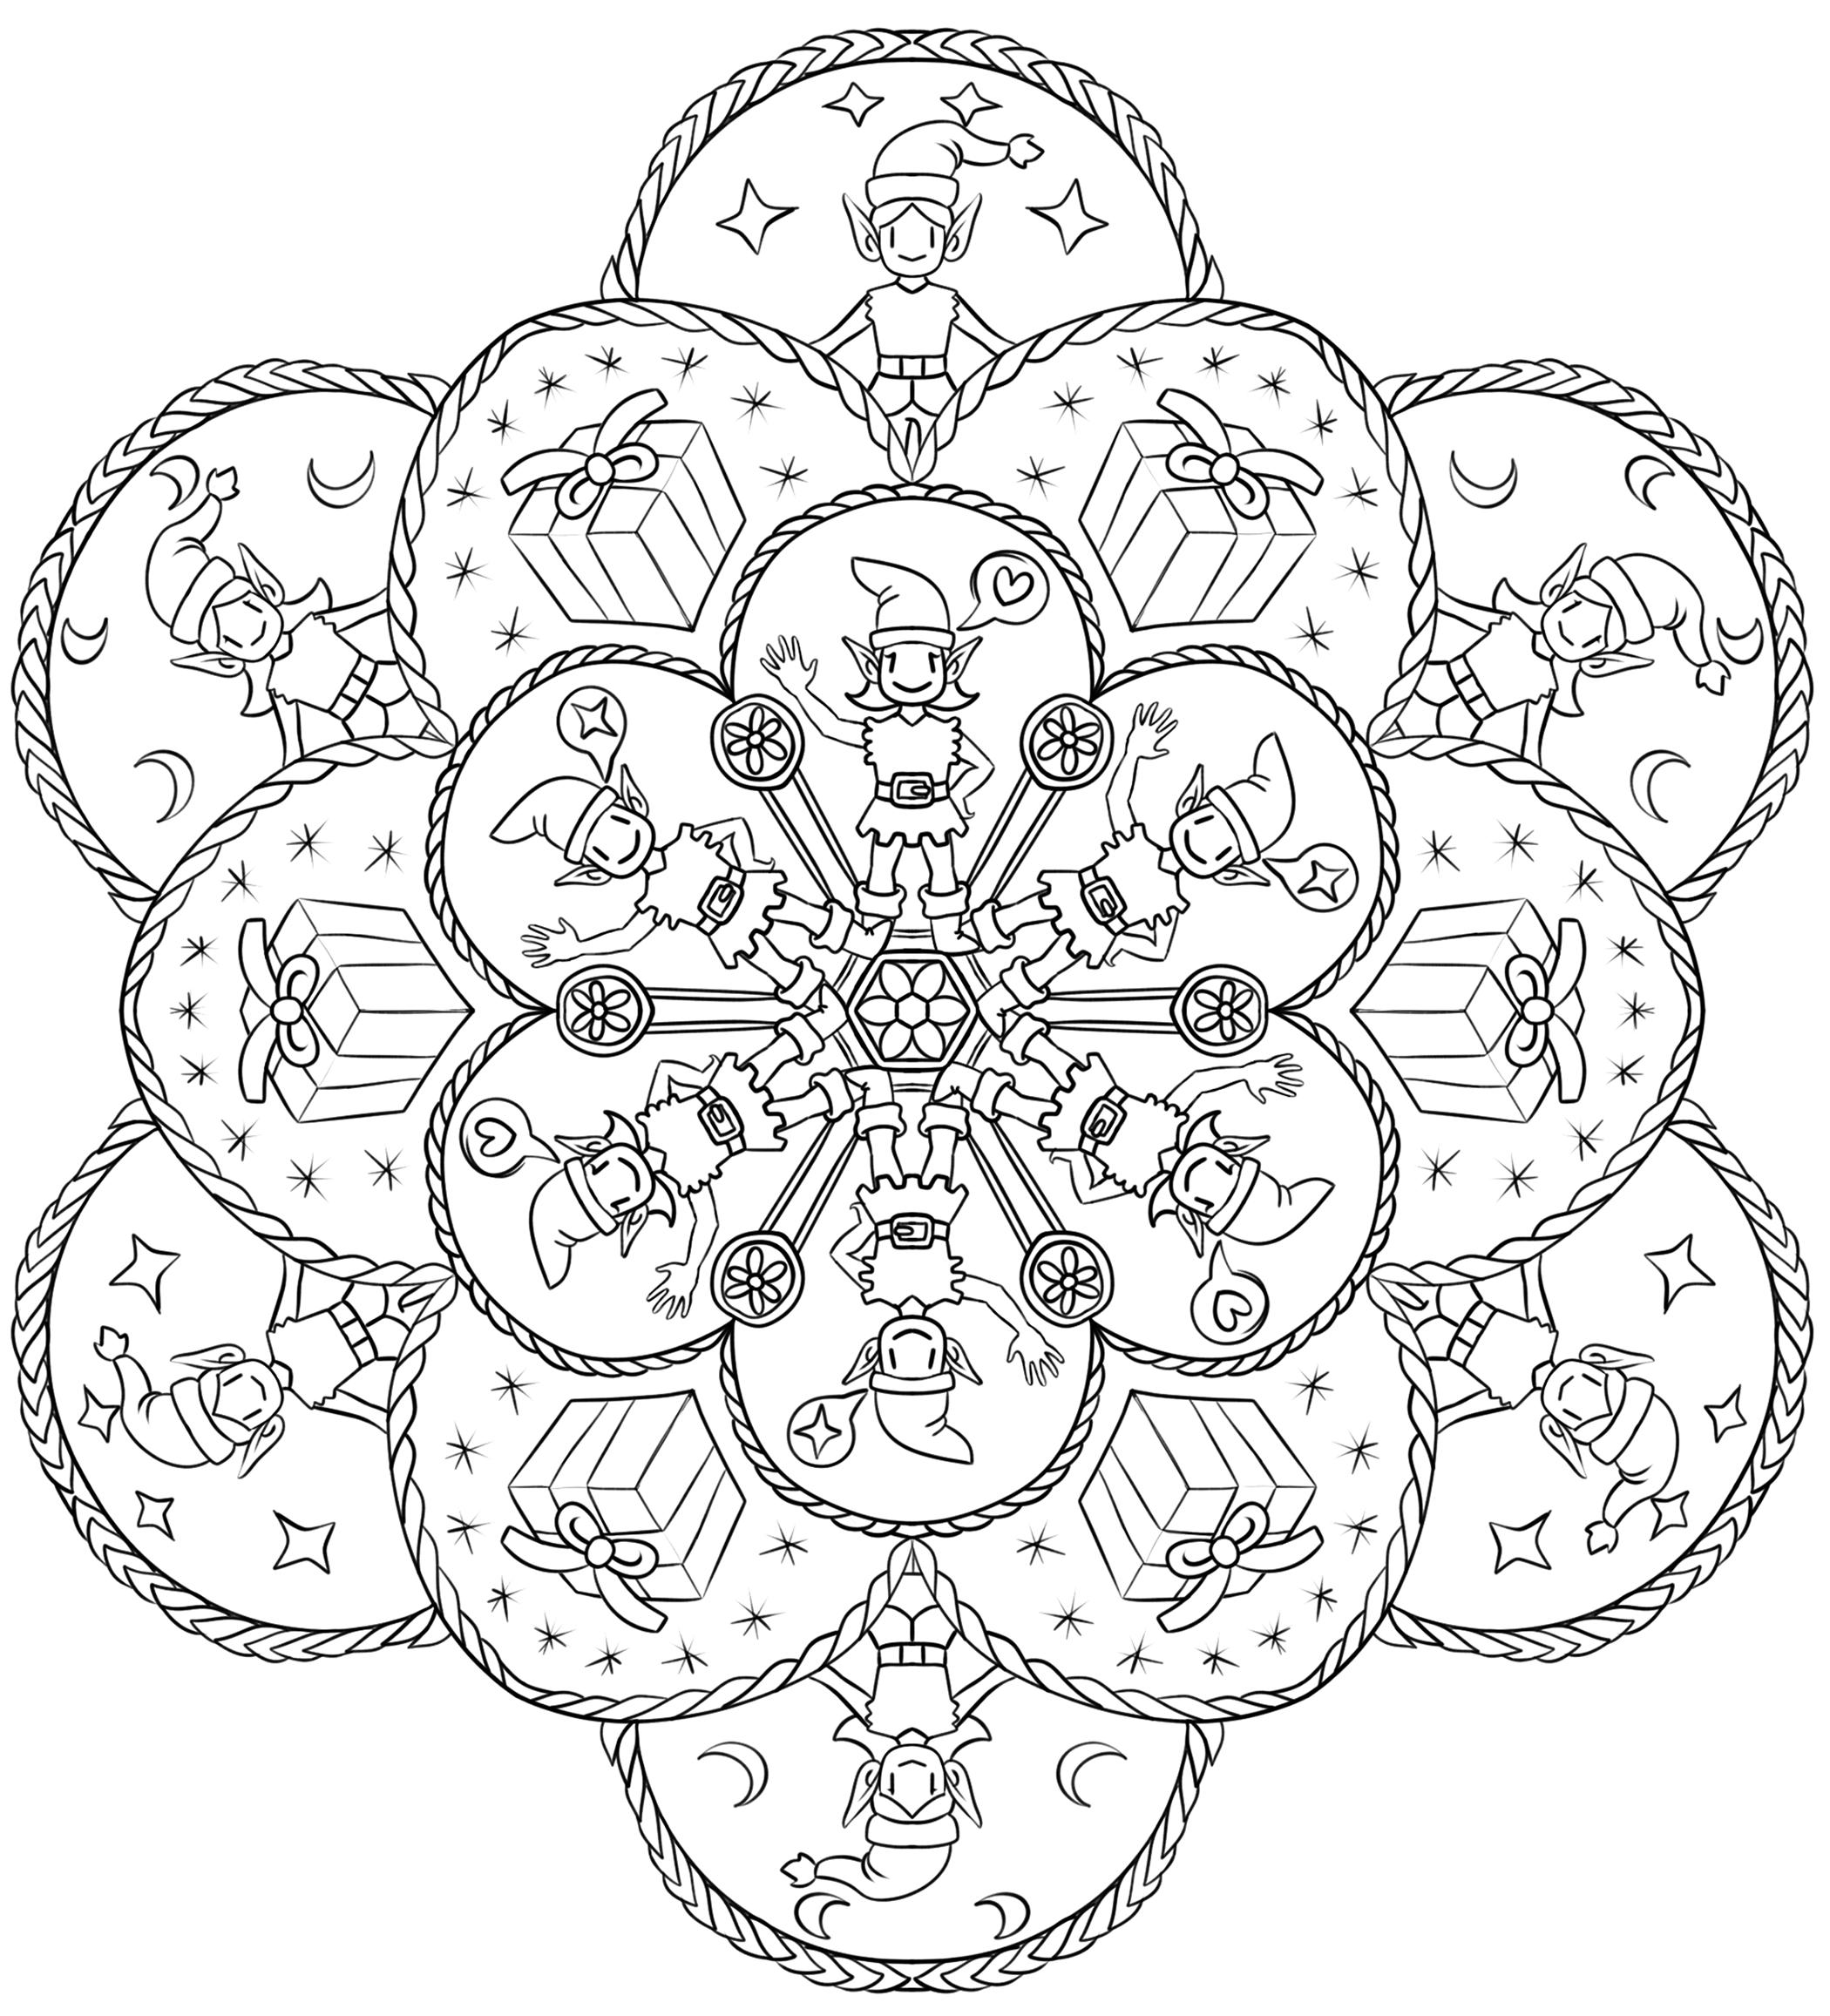 mandalas for coloring mandalas pacem school visual arts for mandalas coloring